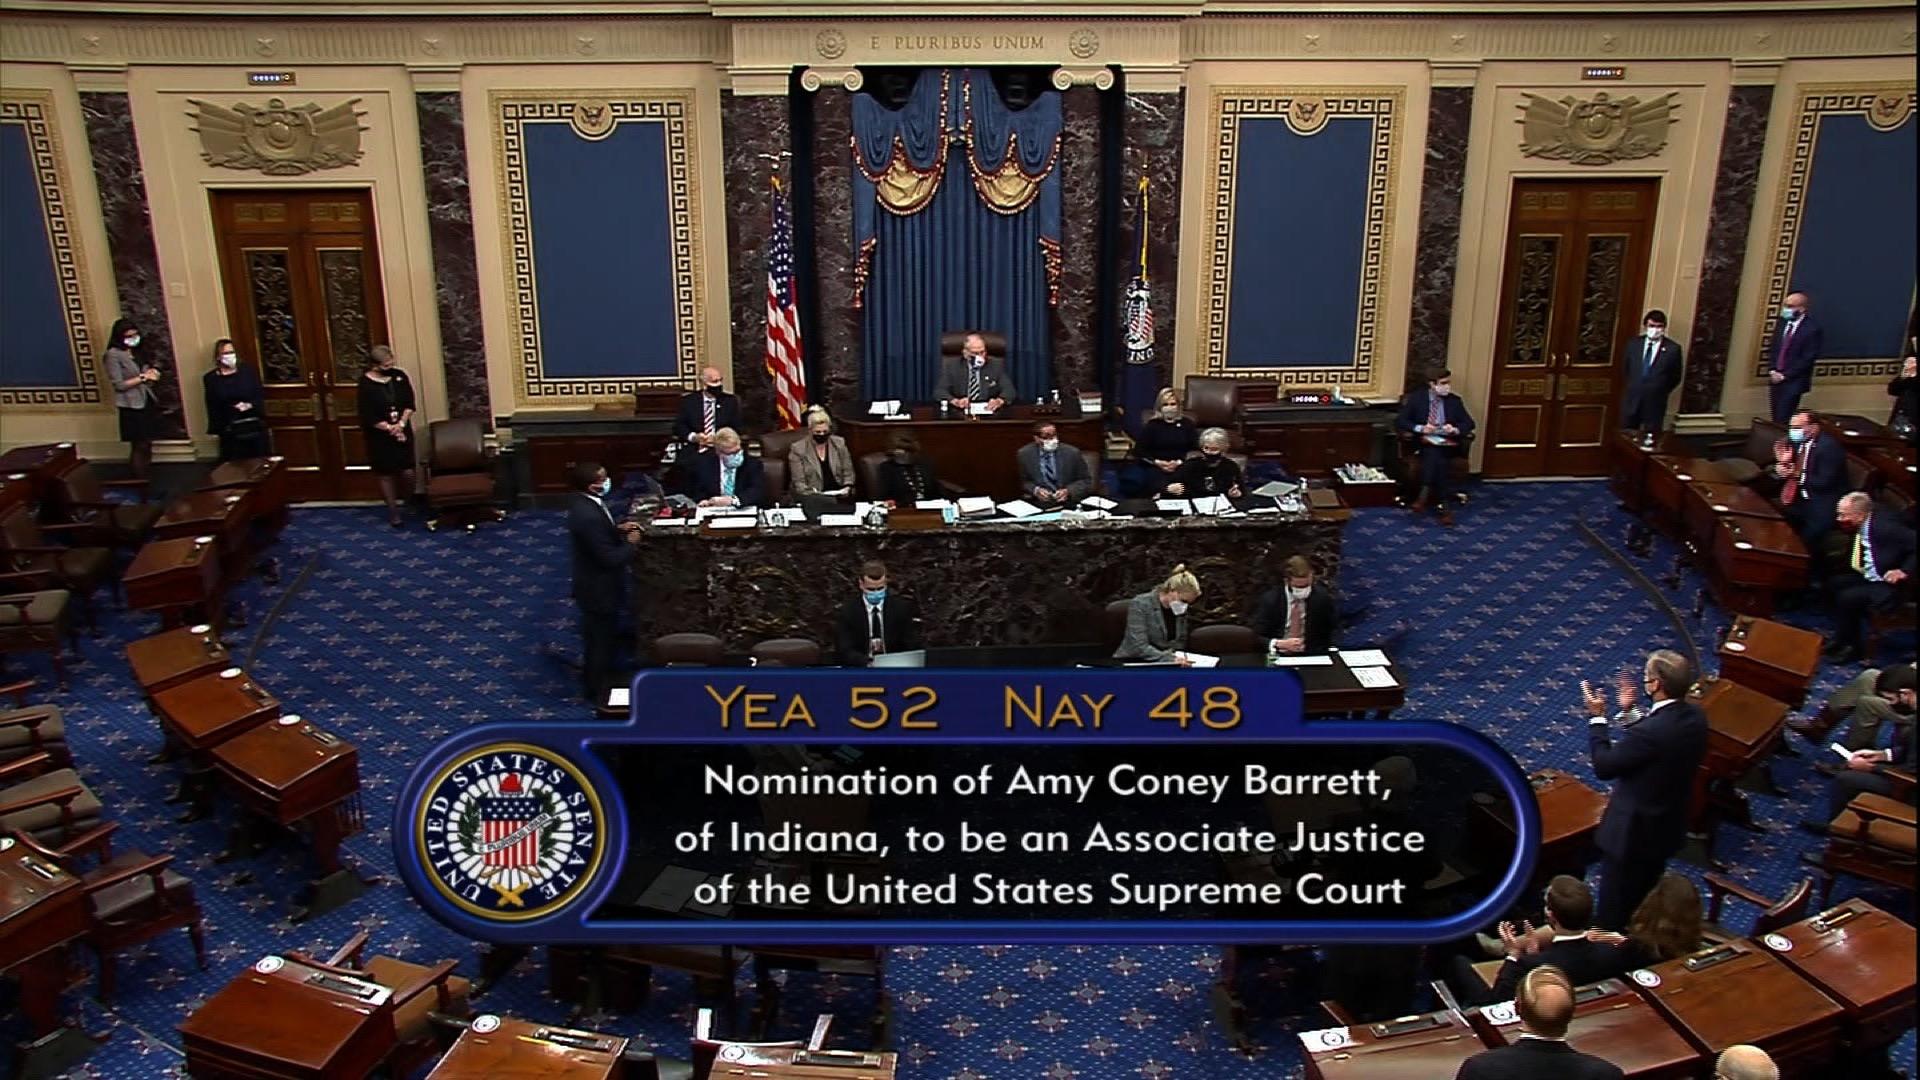 【比特币工厂】_巴雷特宣誓就任美国大法官,即将参与摇摆州邮寄选票纠纷裁决